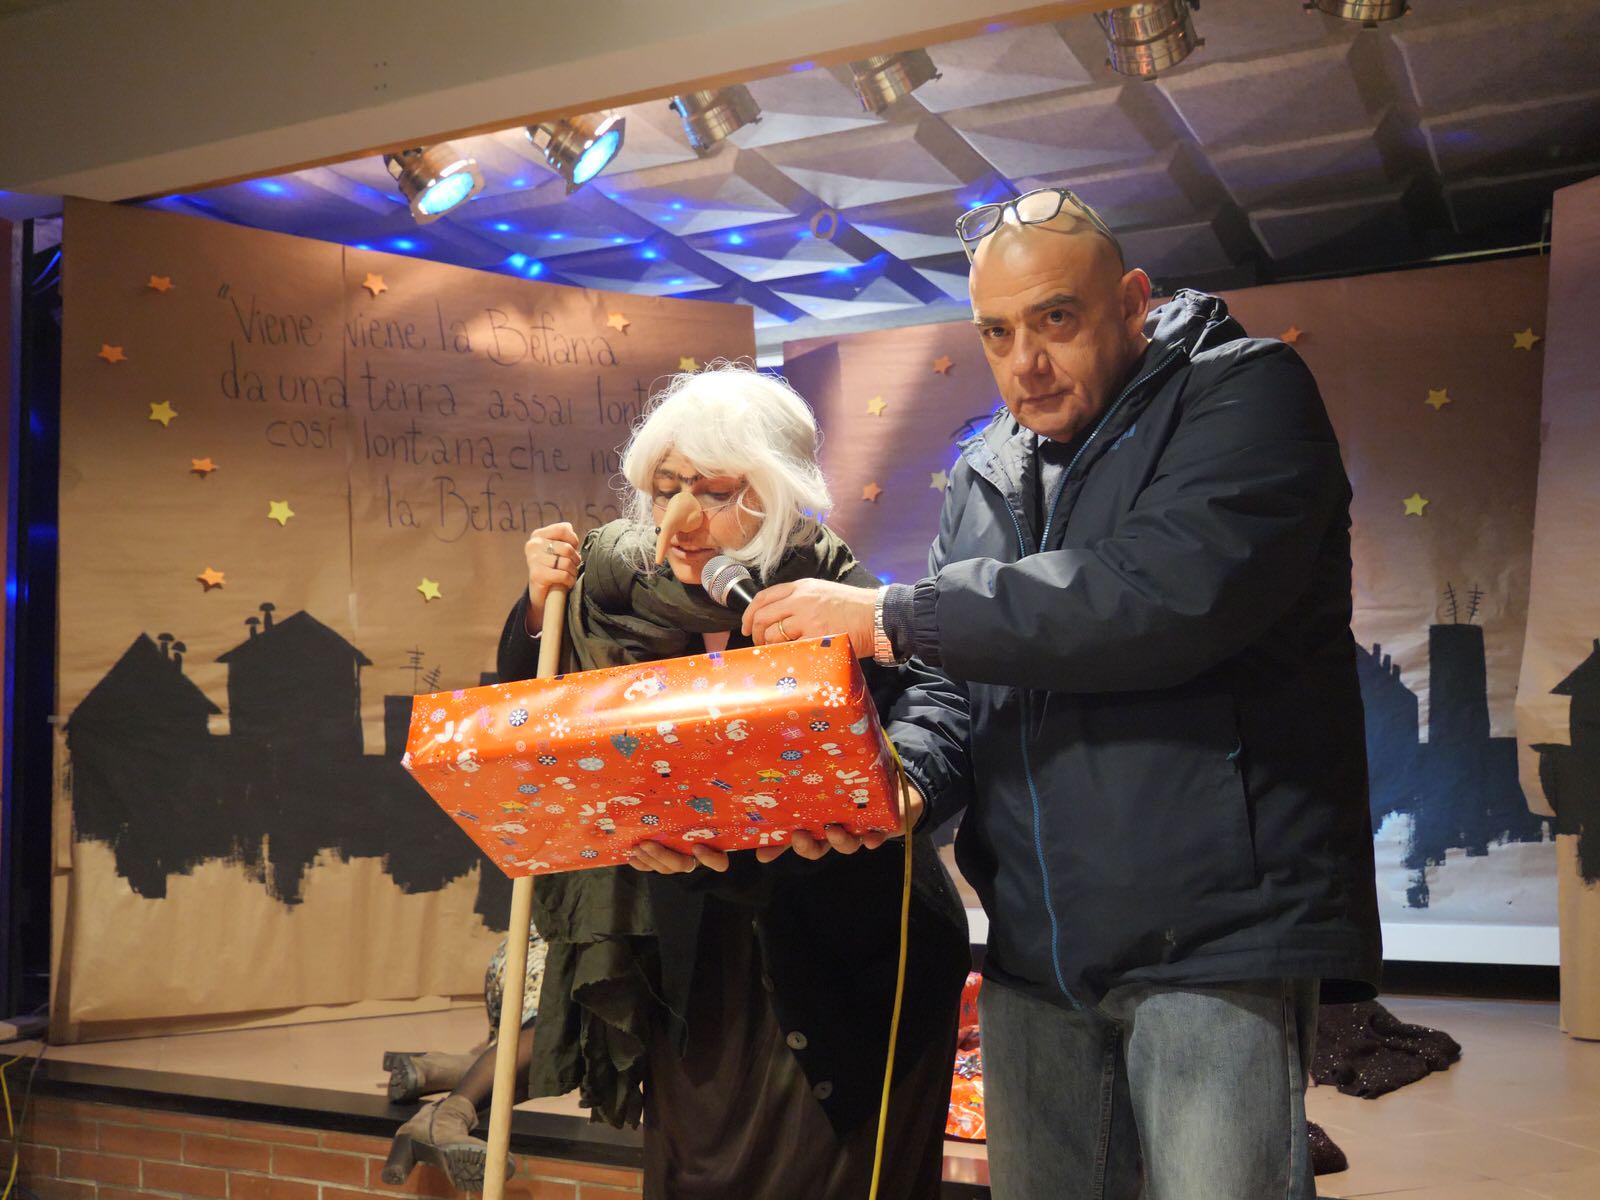 Festa della Befana Centro Benedetto Acquarone 2019.01.05 02